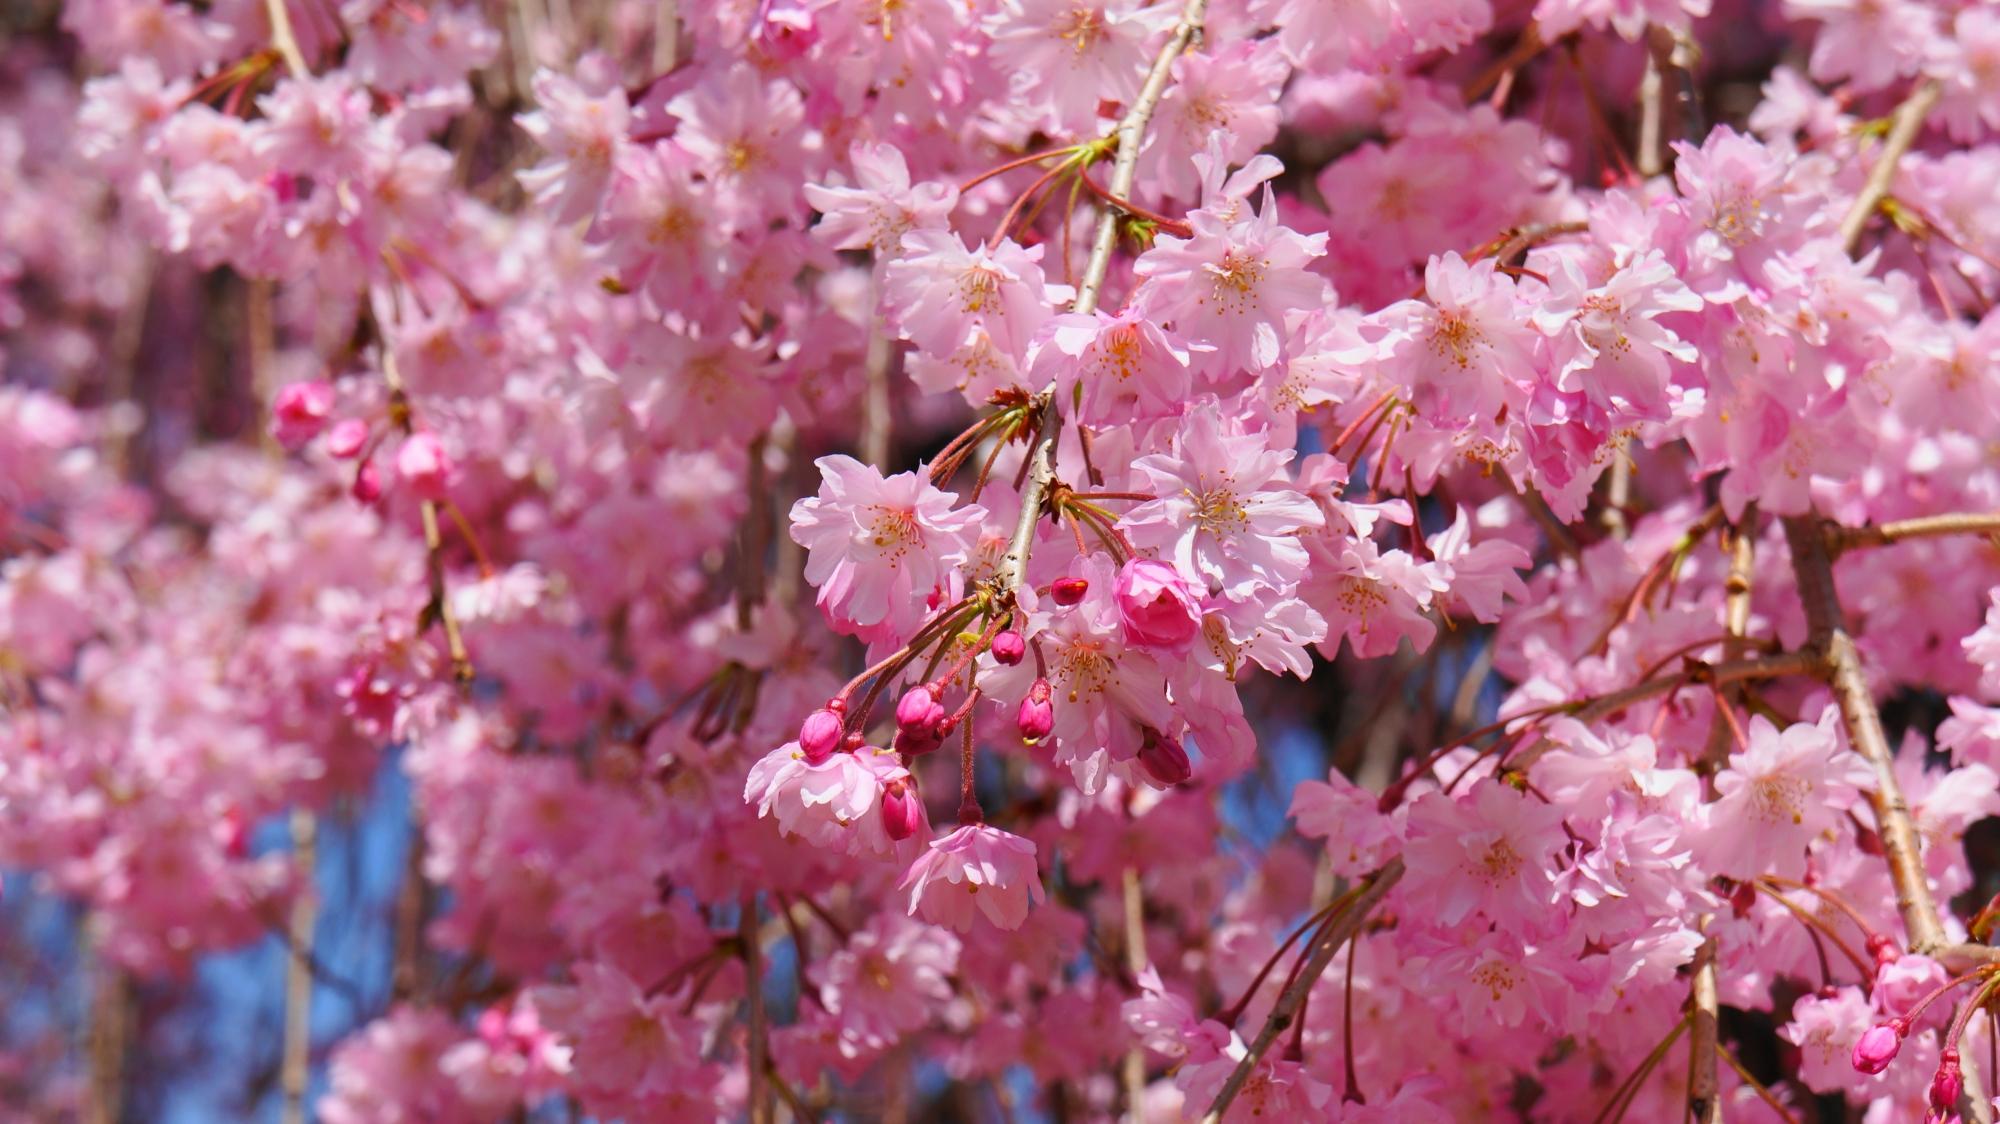 可愛いピンクの花で溢れる斎王桜